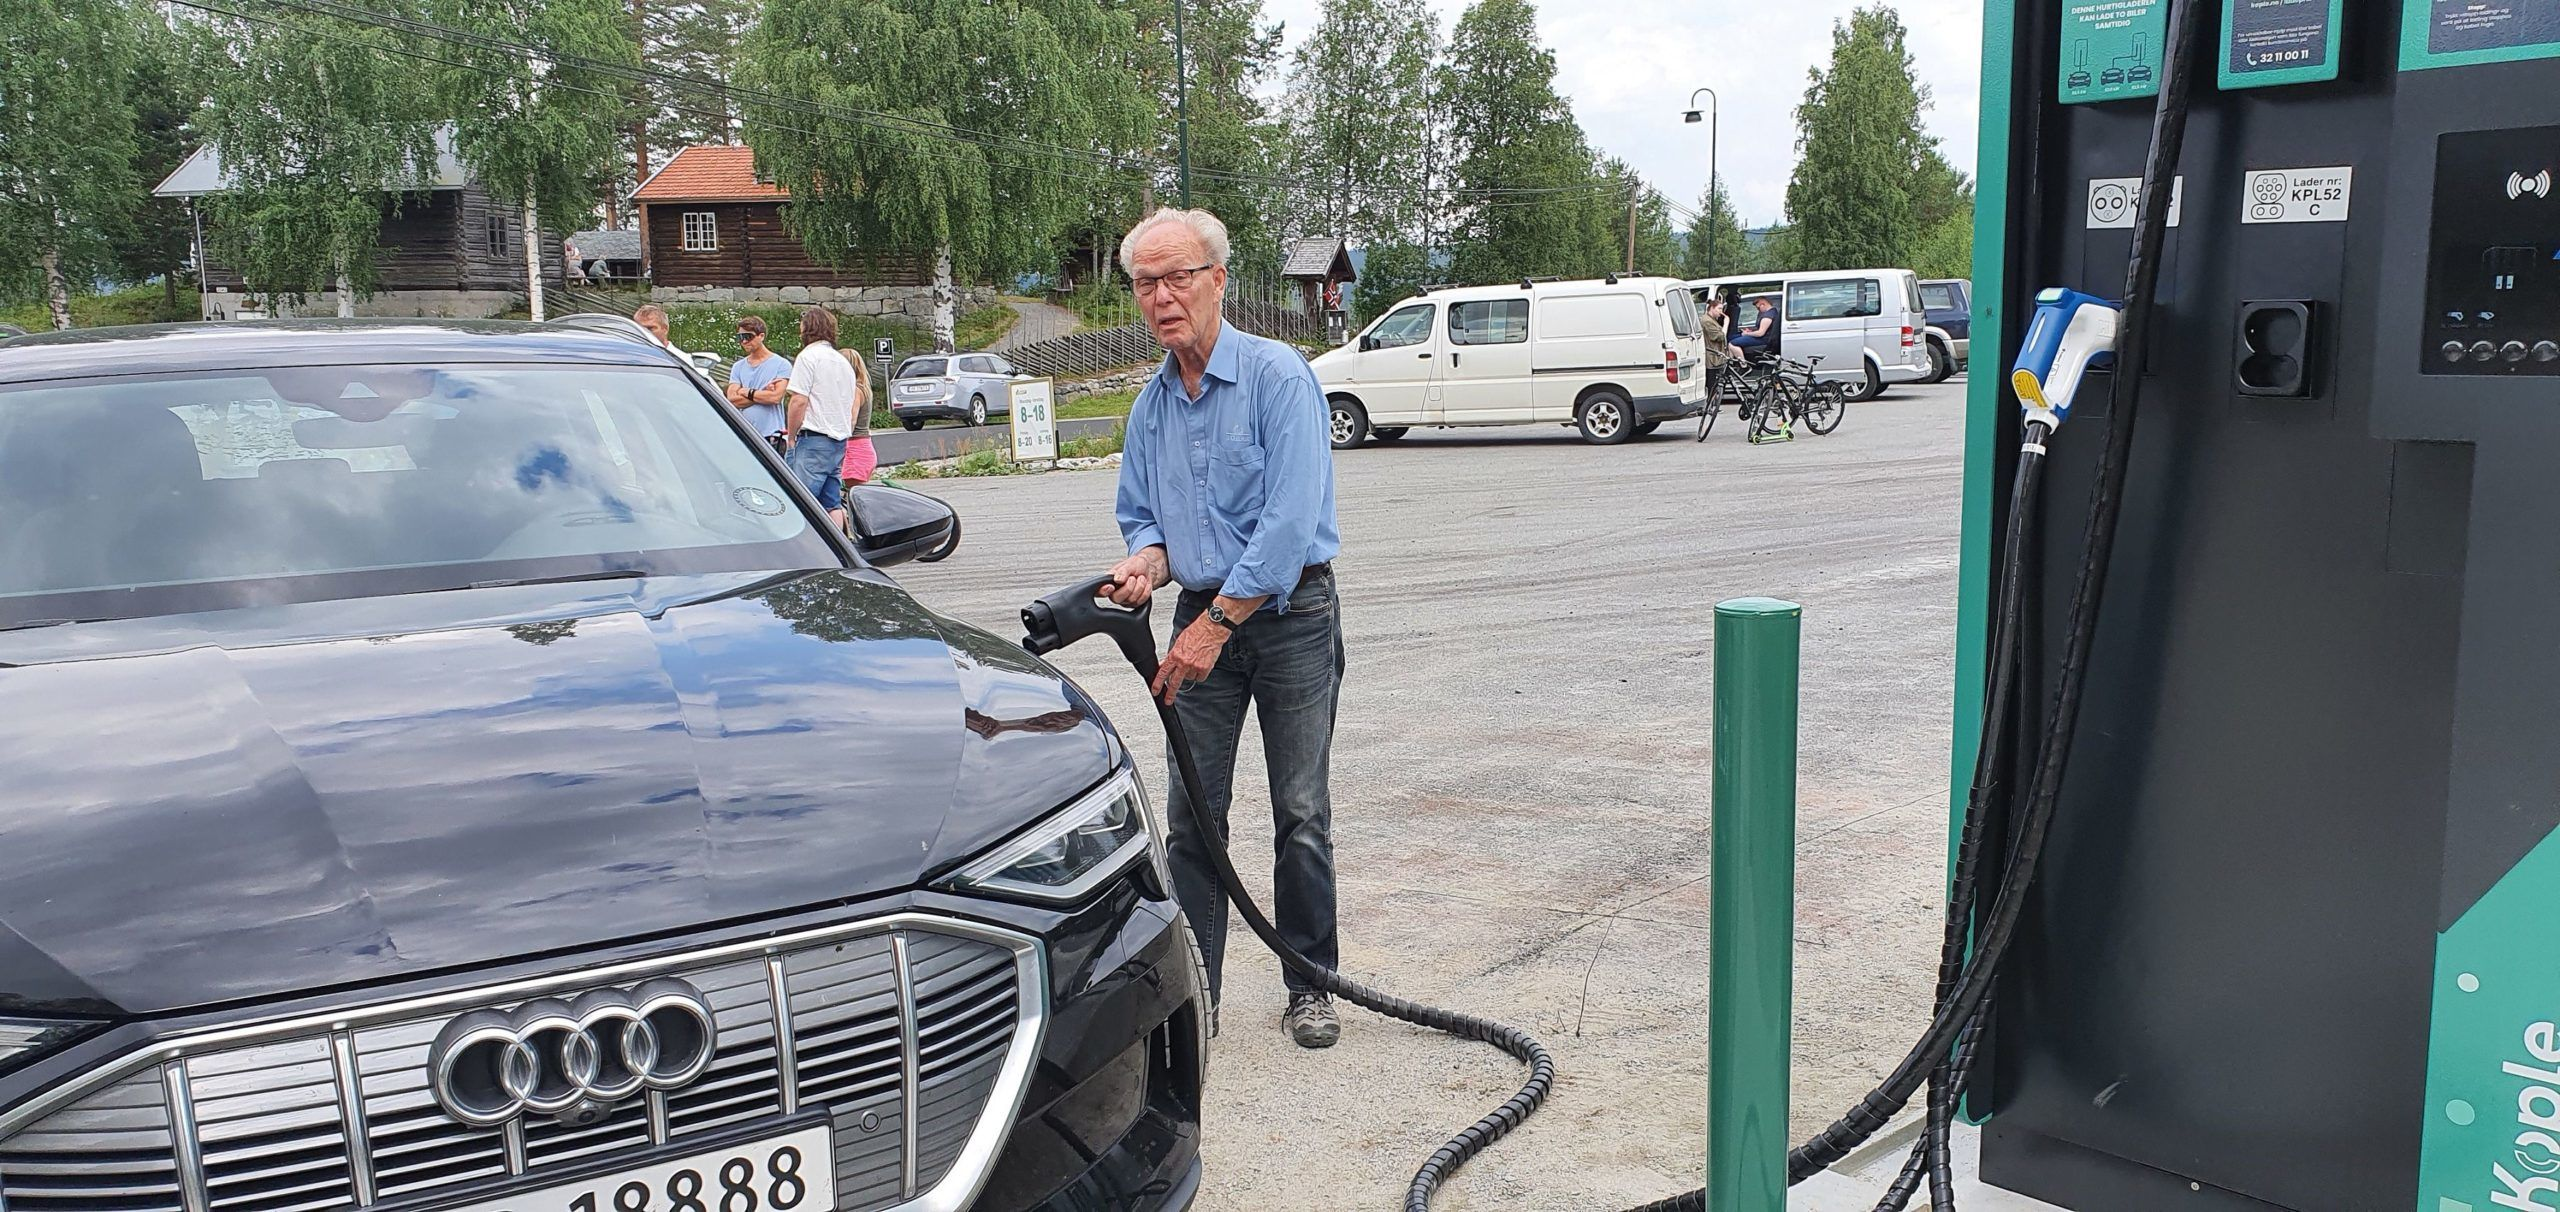 Knut Hagen lader Audi